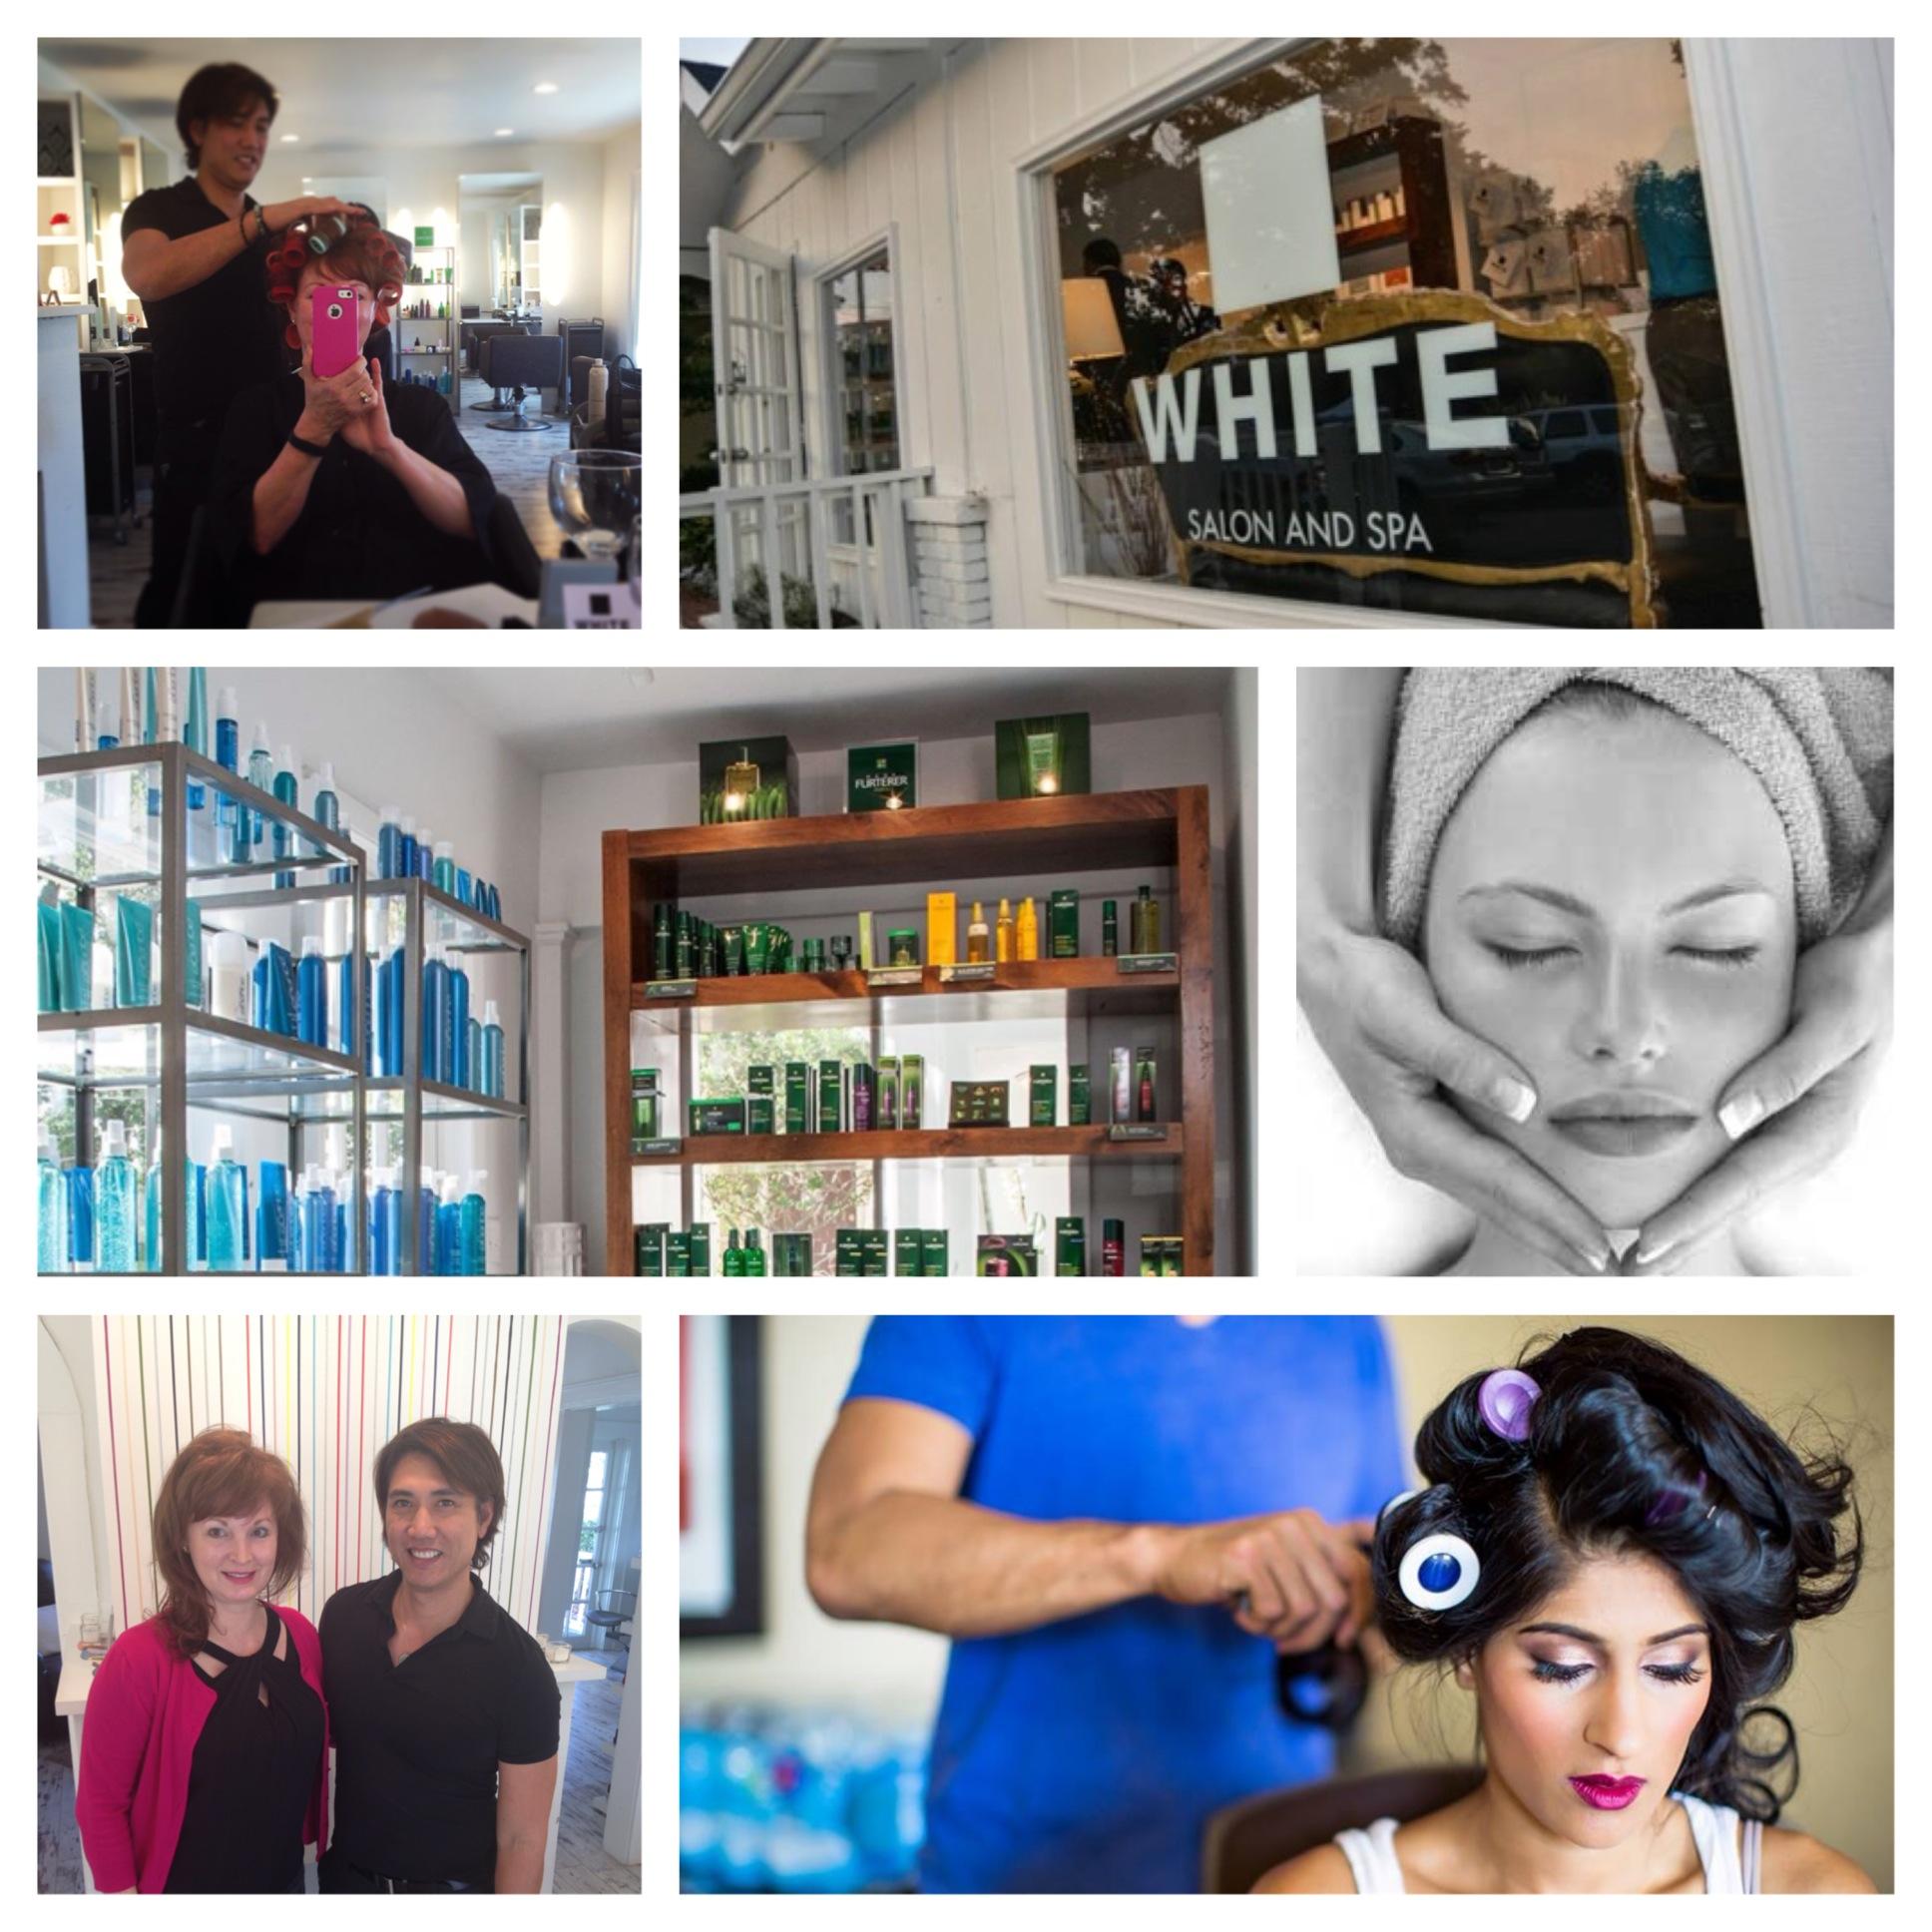 Venture to White Salon and Spa